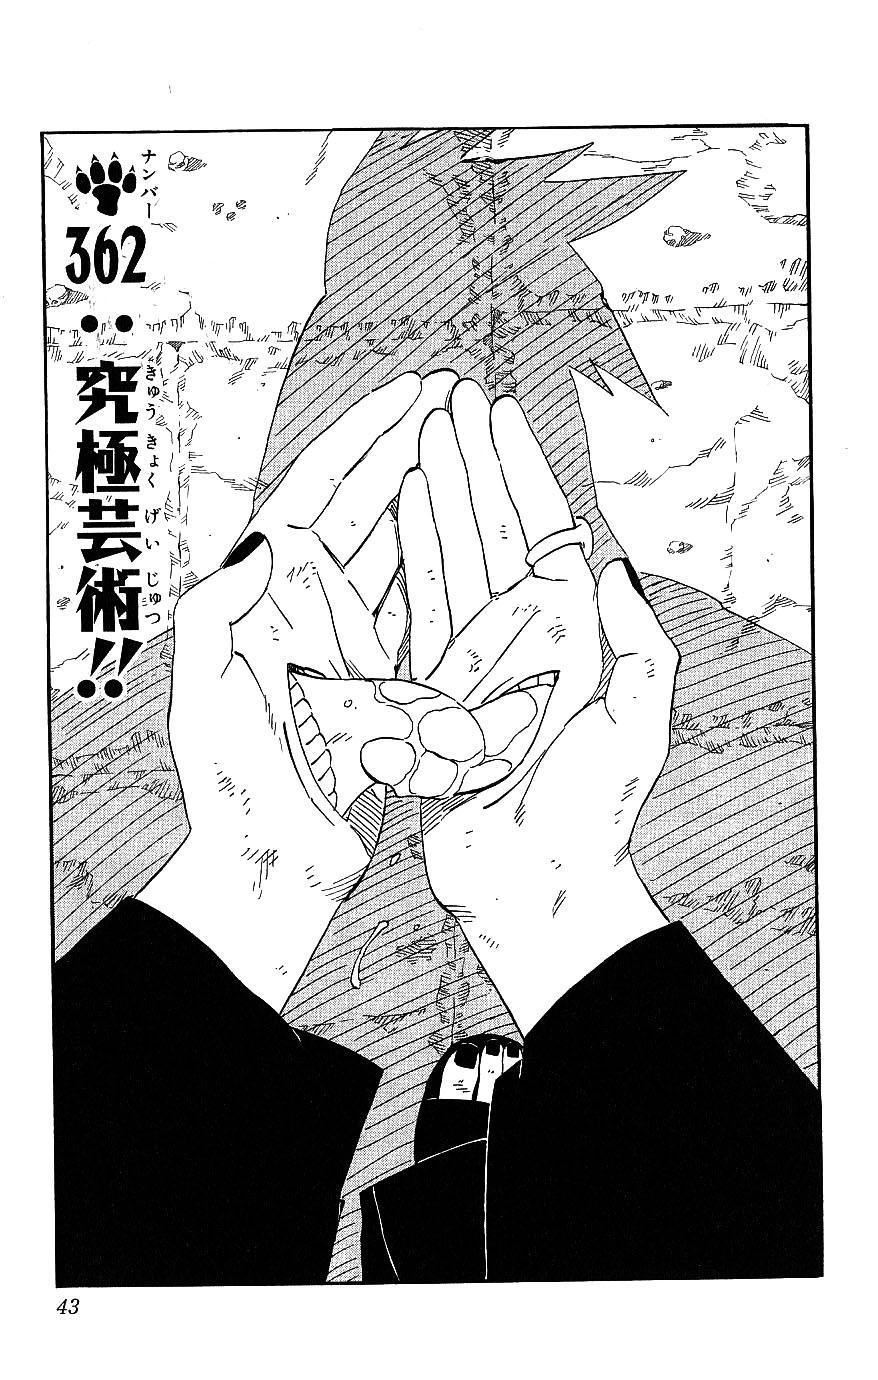 究極芸術!! (Kyūkyoku Geijutsu!!)